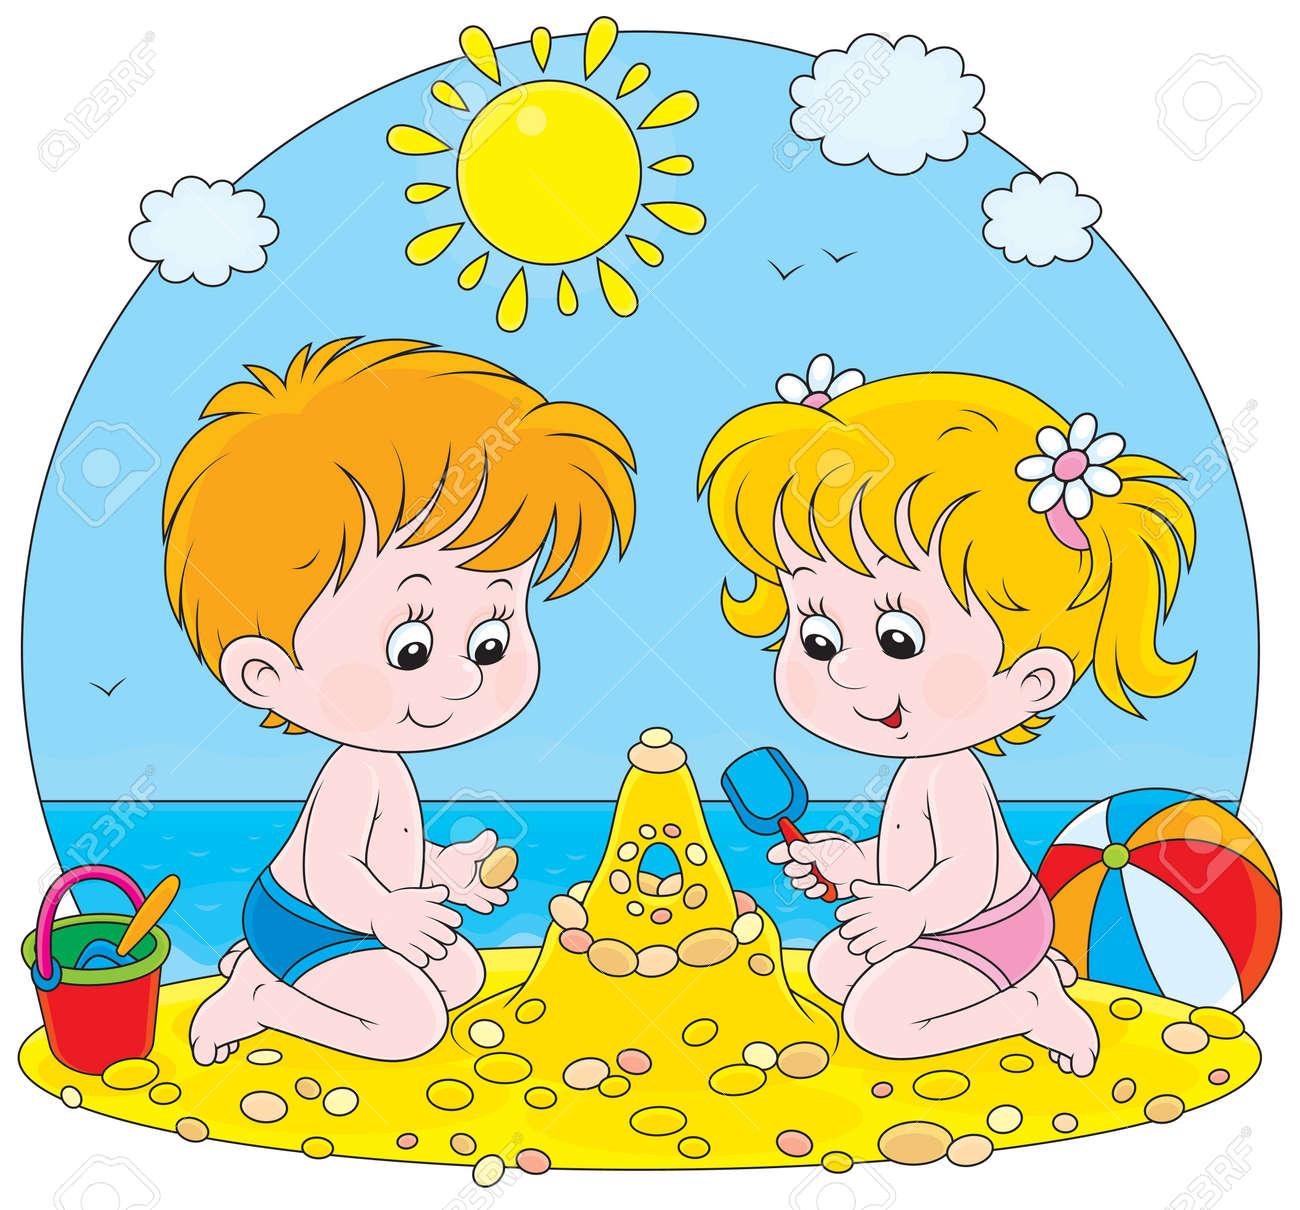 Sandburg clipart  Mädchen Und Junge Baut Eine Sandburg Am Strand Lizenzfrei Nutzbare ...